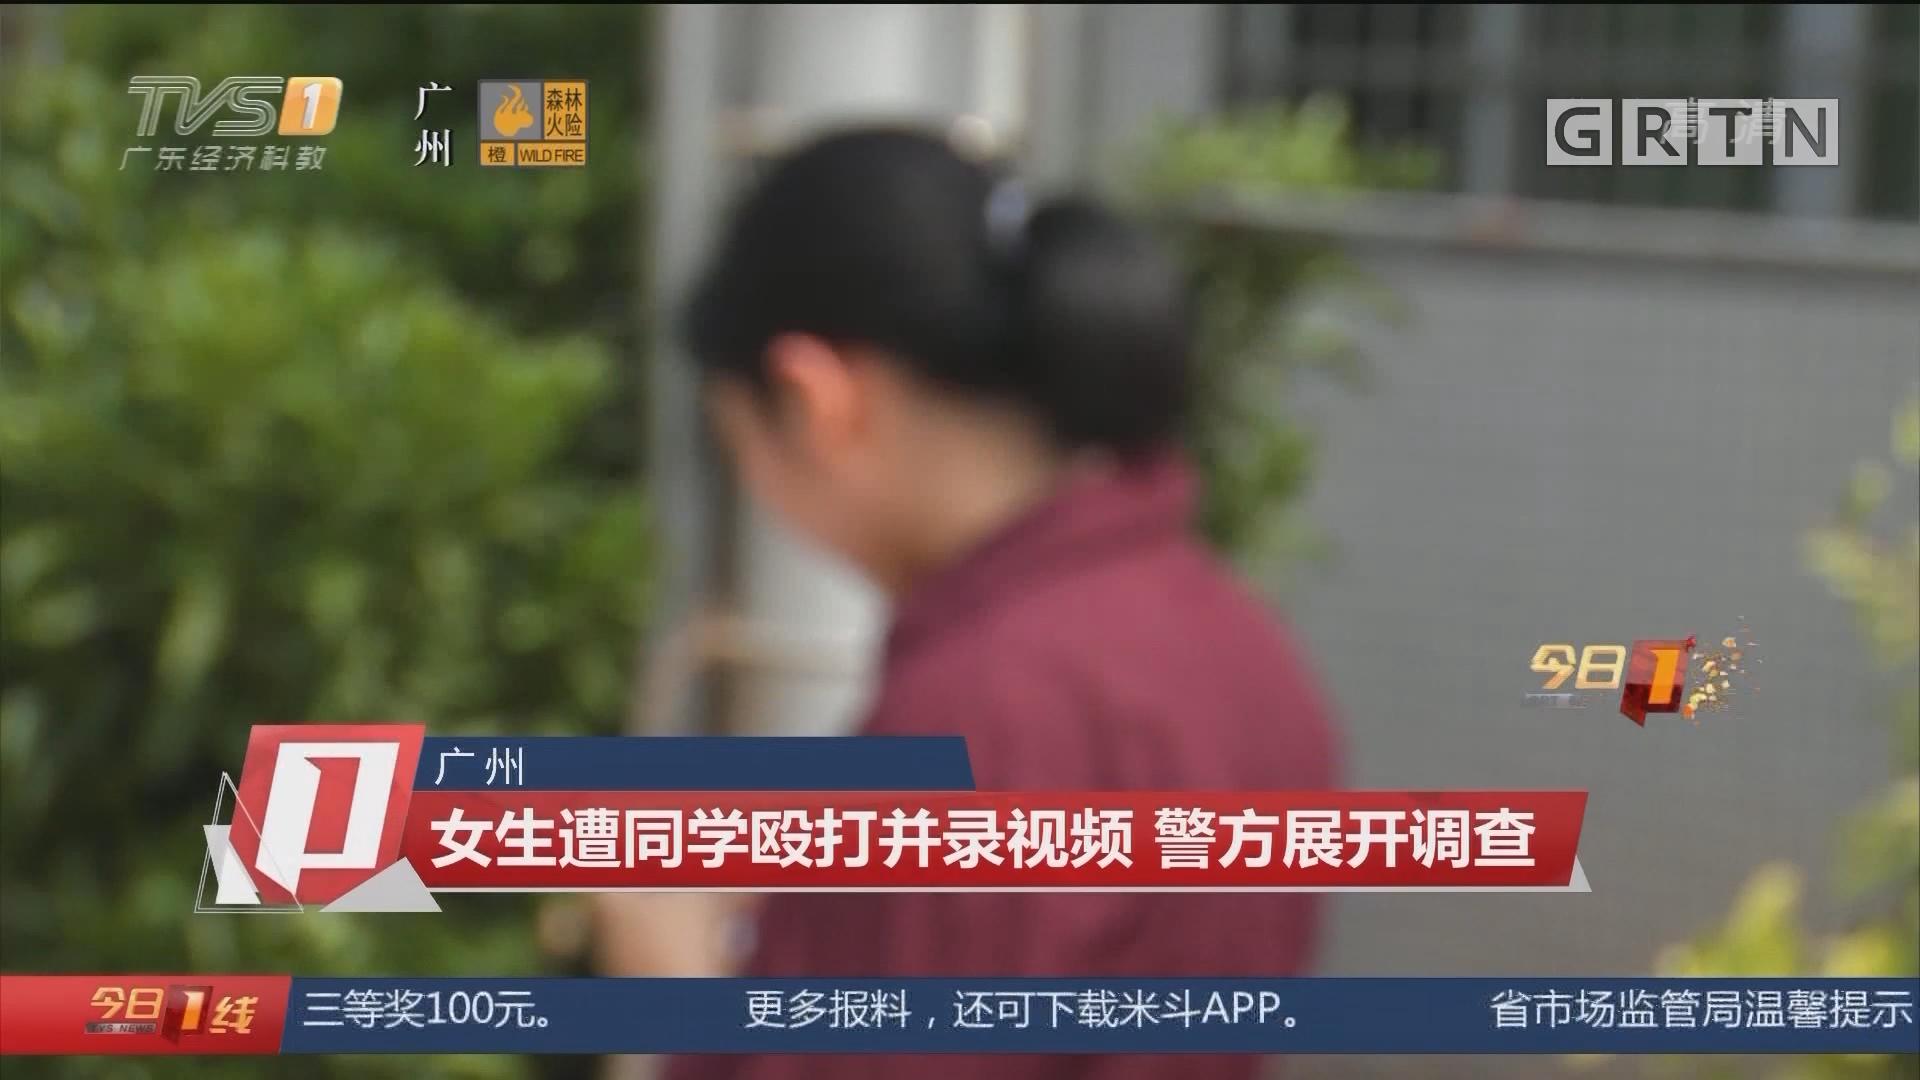 广州:女生遭同学殴打并录视频 警方展开调查